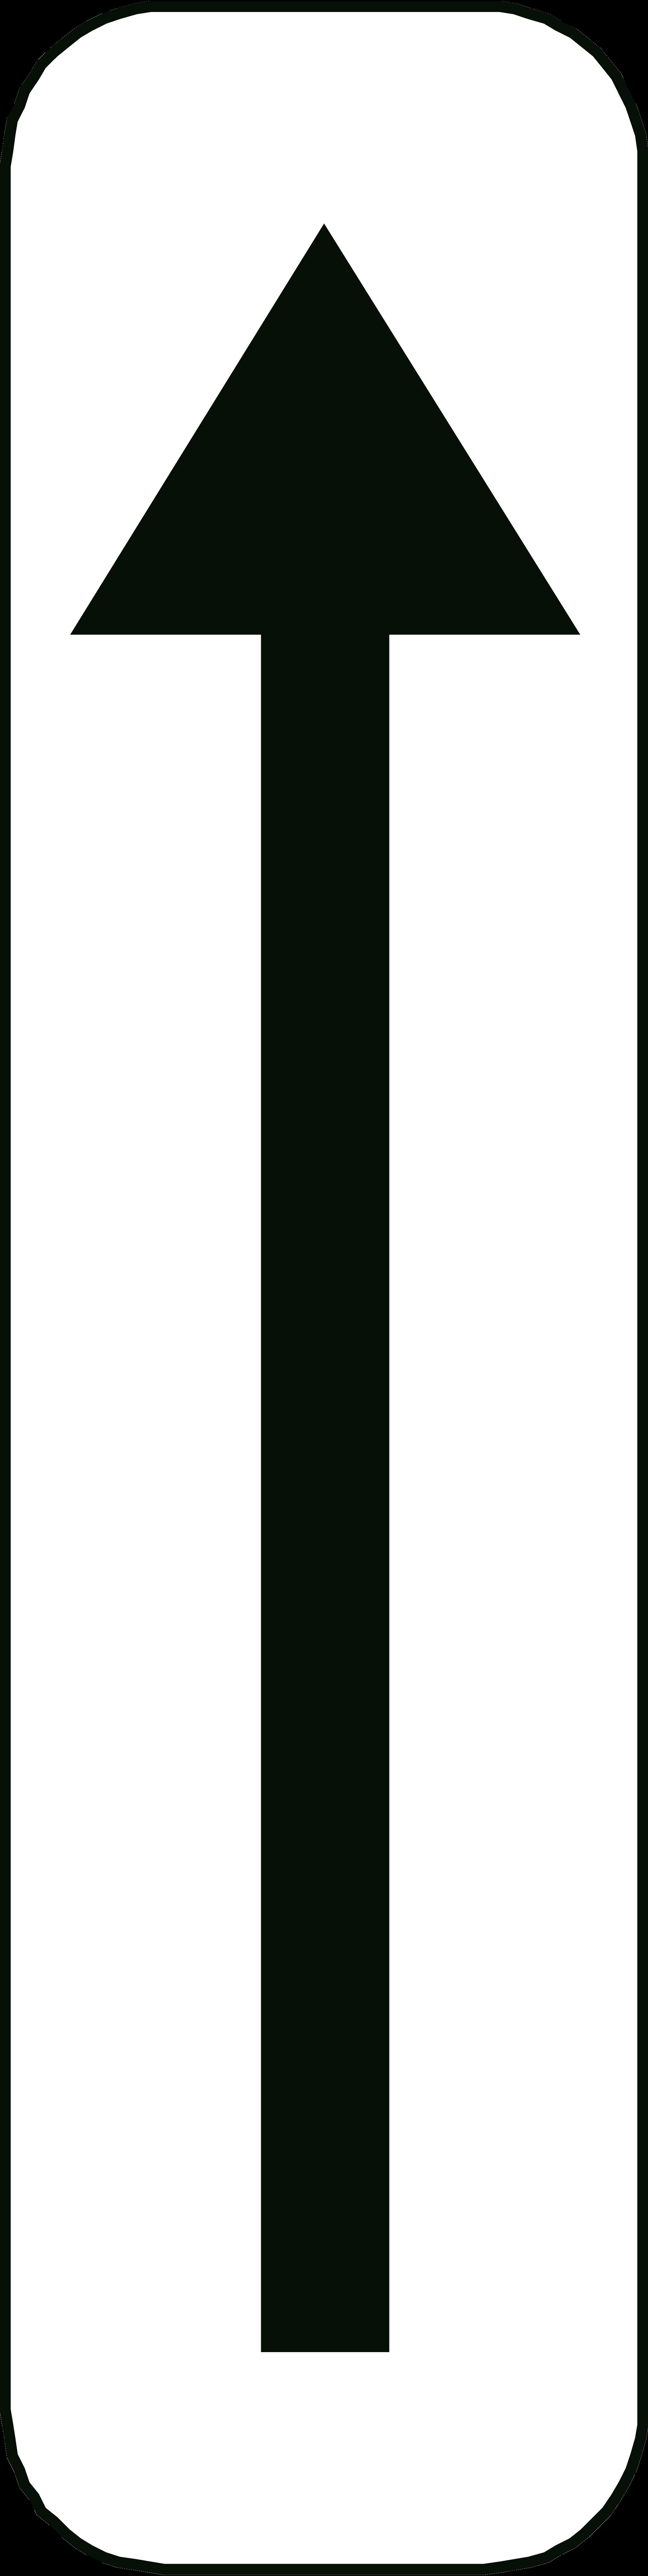 Signface - Gxa - klasse  I - 100/400 mm